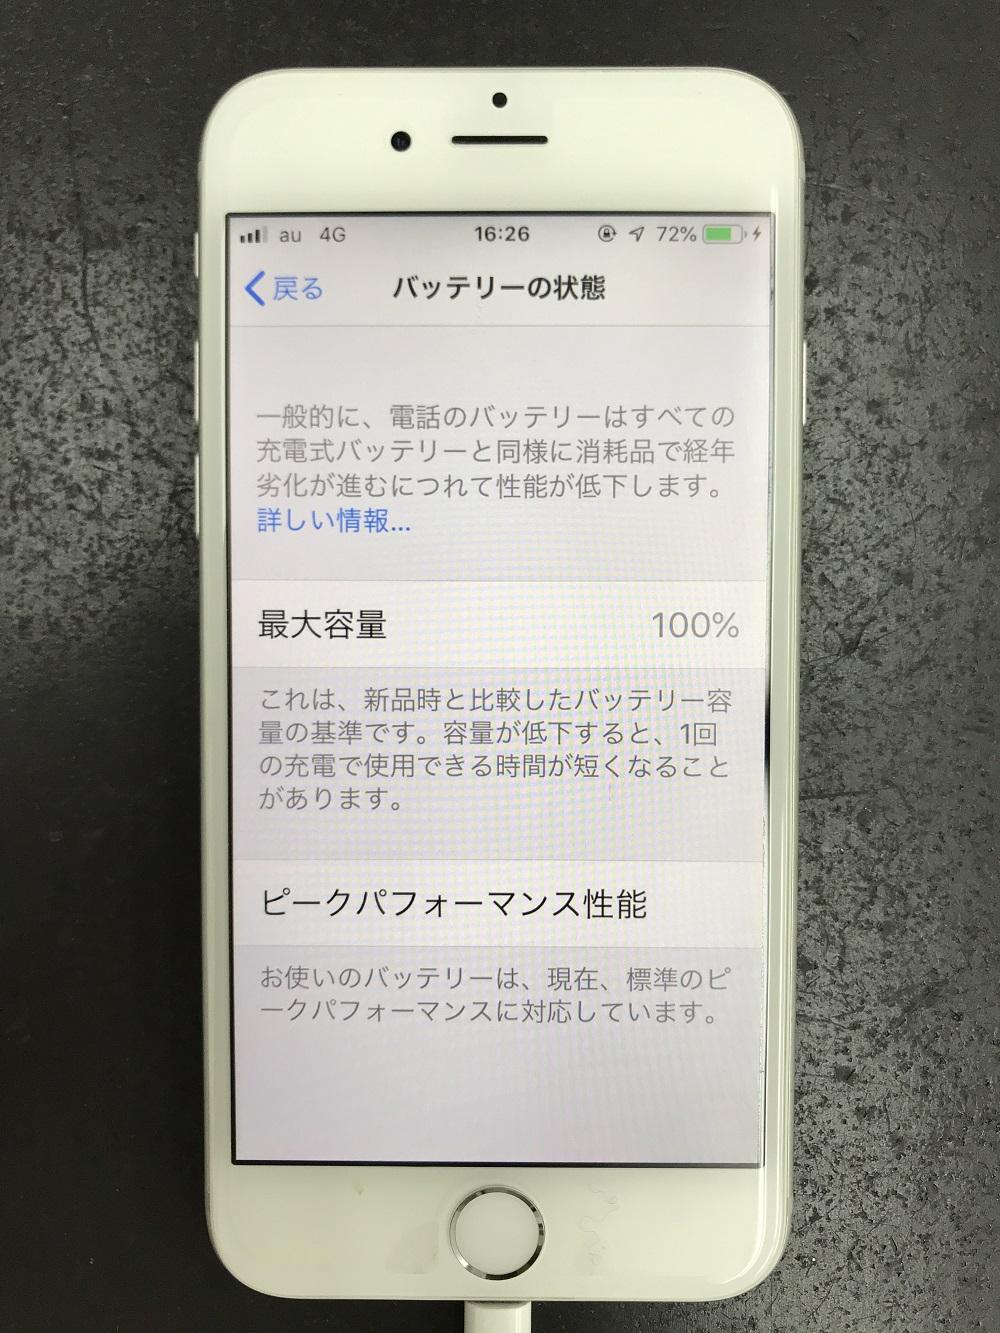 iPhone6バッテリー交換後 充電の最大容量が100%のバッテリーの様子